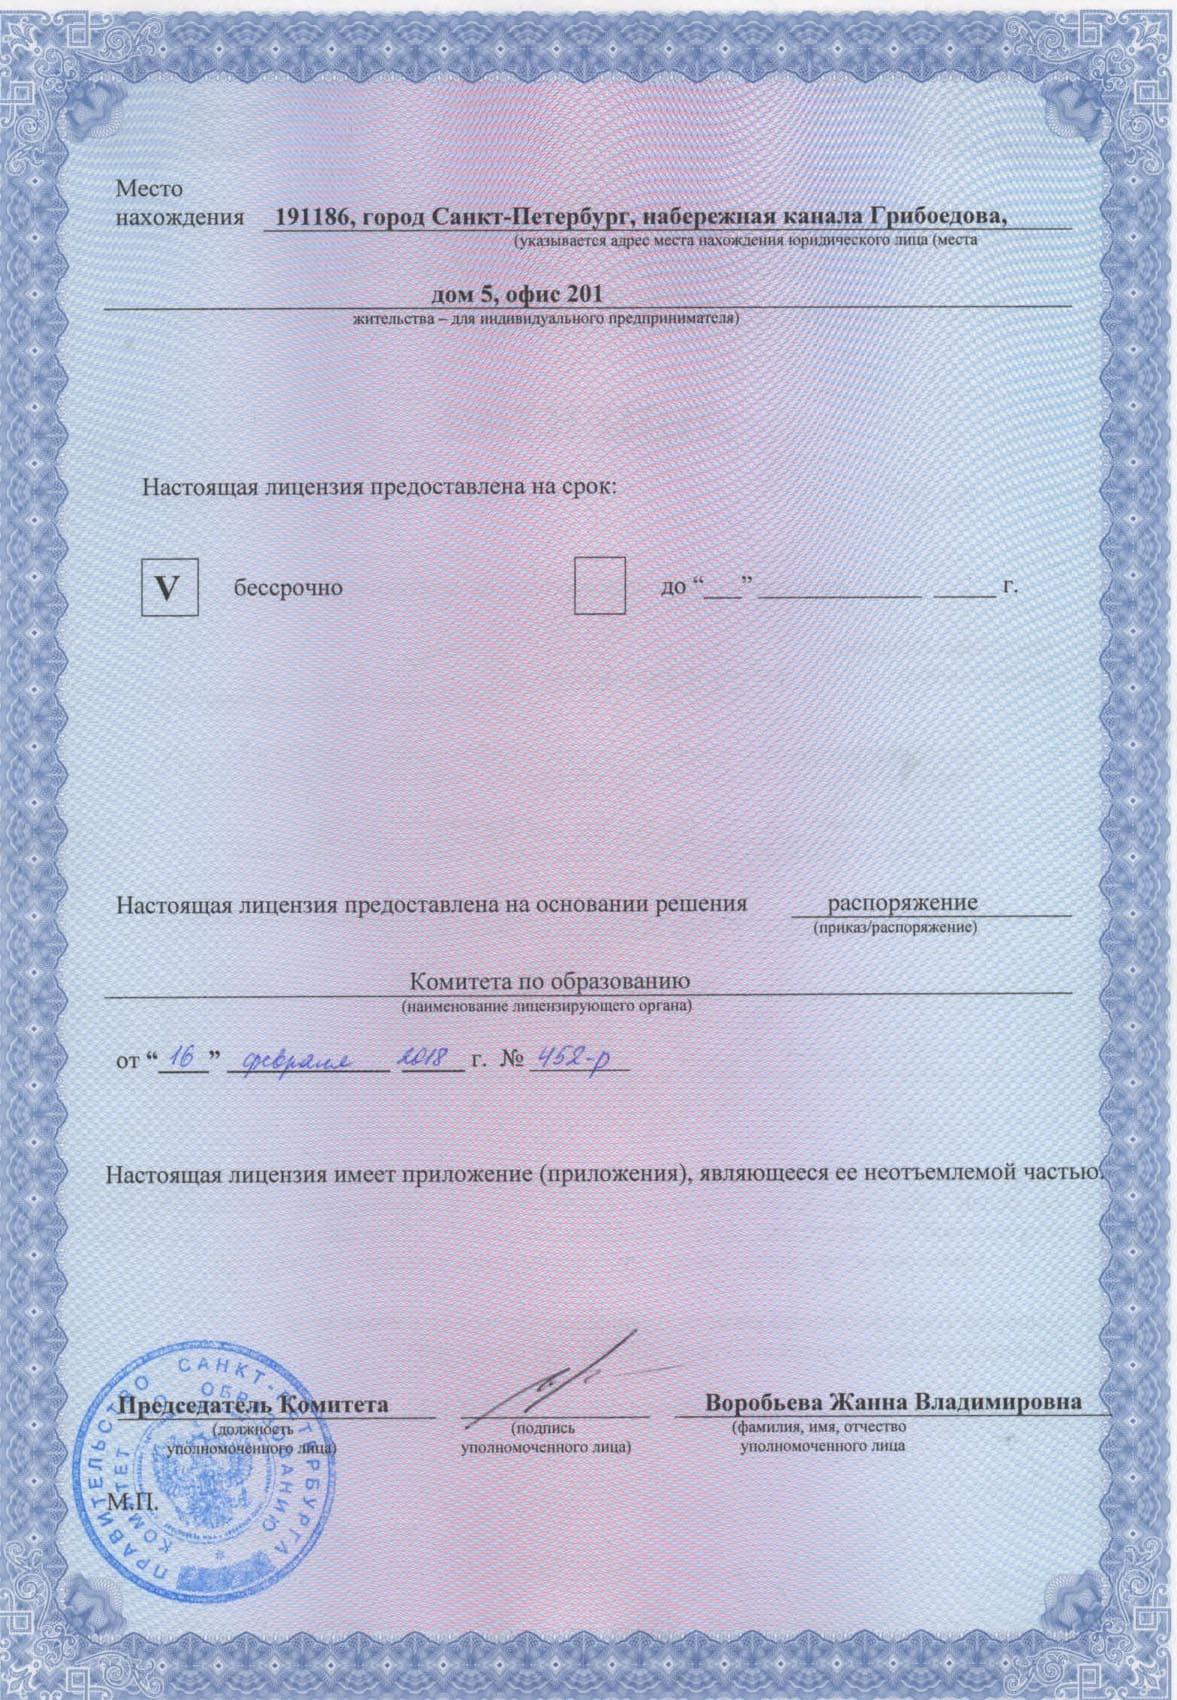 Лицензия на осуществление образовательной деятельности (2стр)